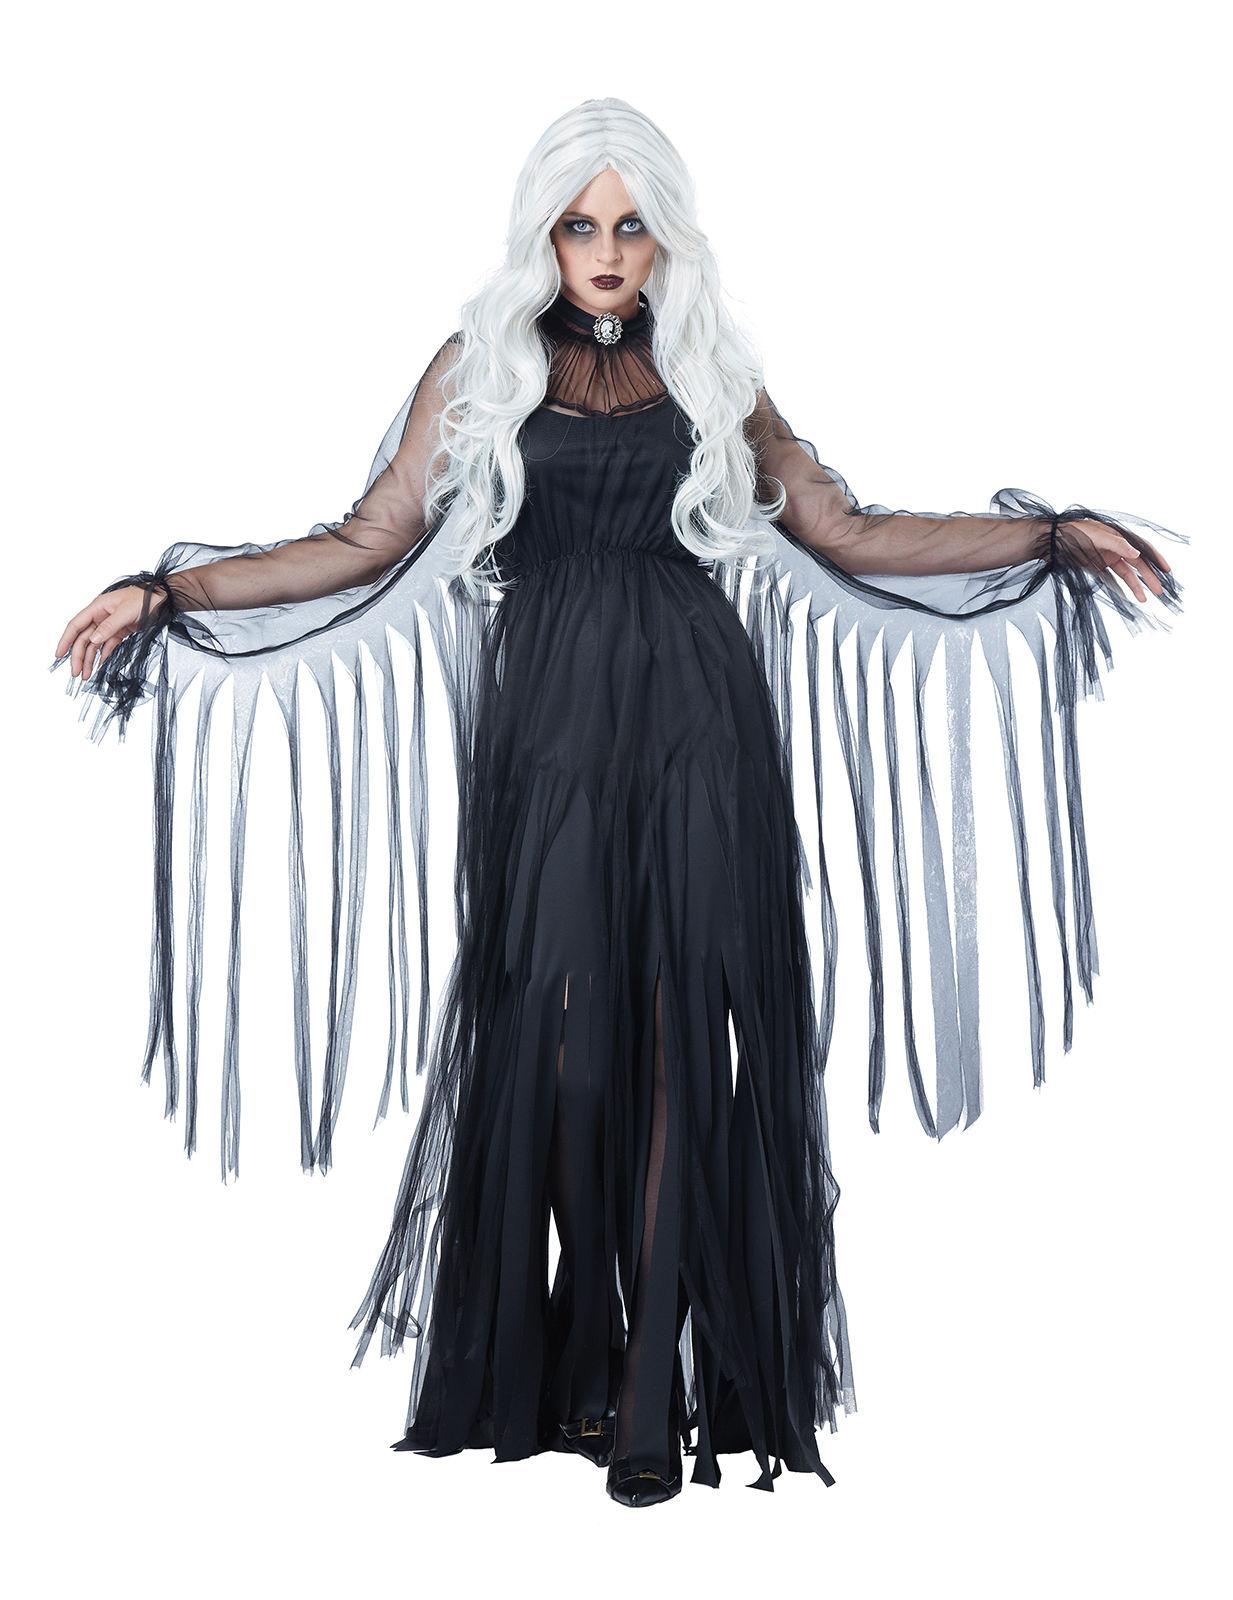 0bc65277e09 Déguisement fantôme élégant Halloween femme noir   Deguise-toi ...